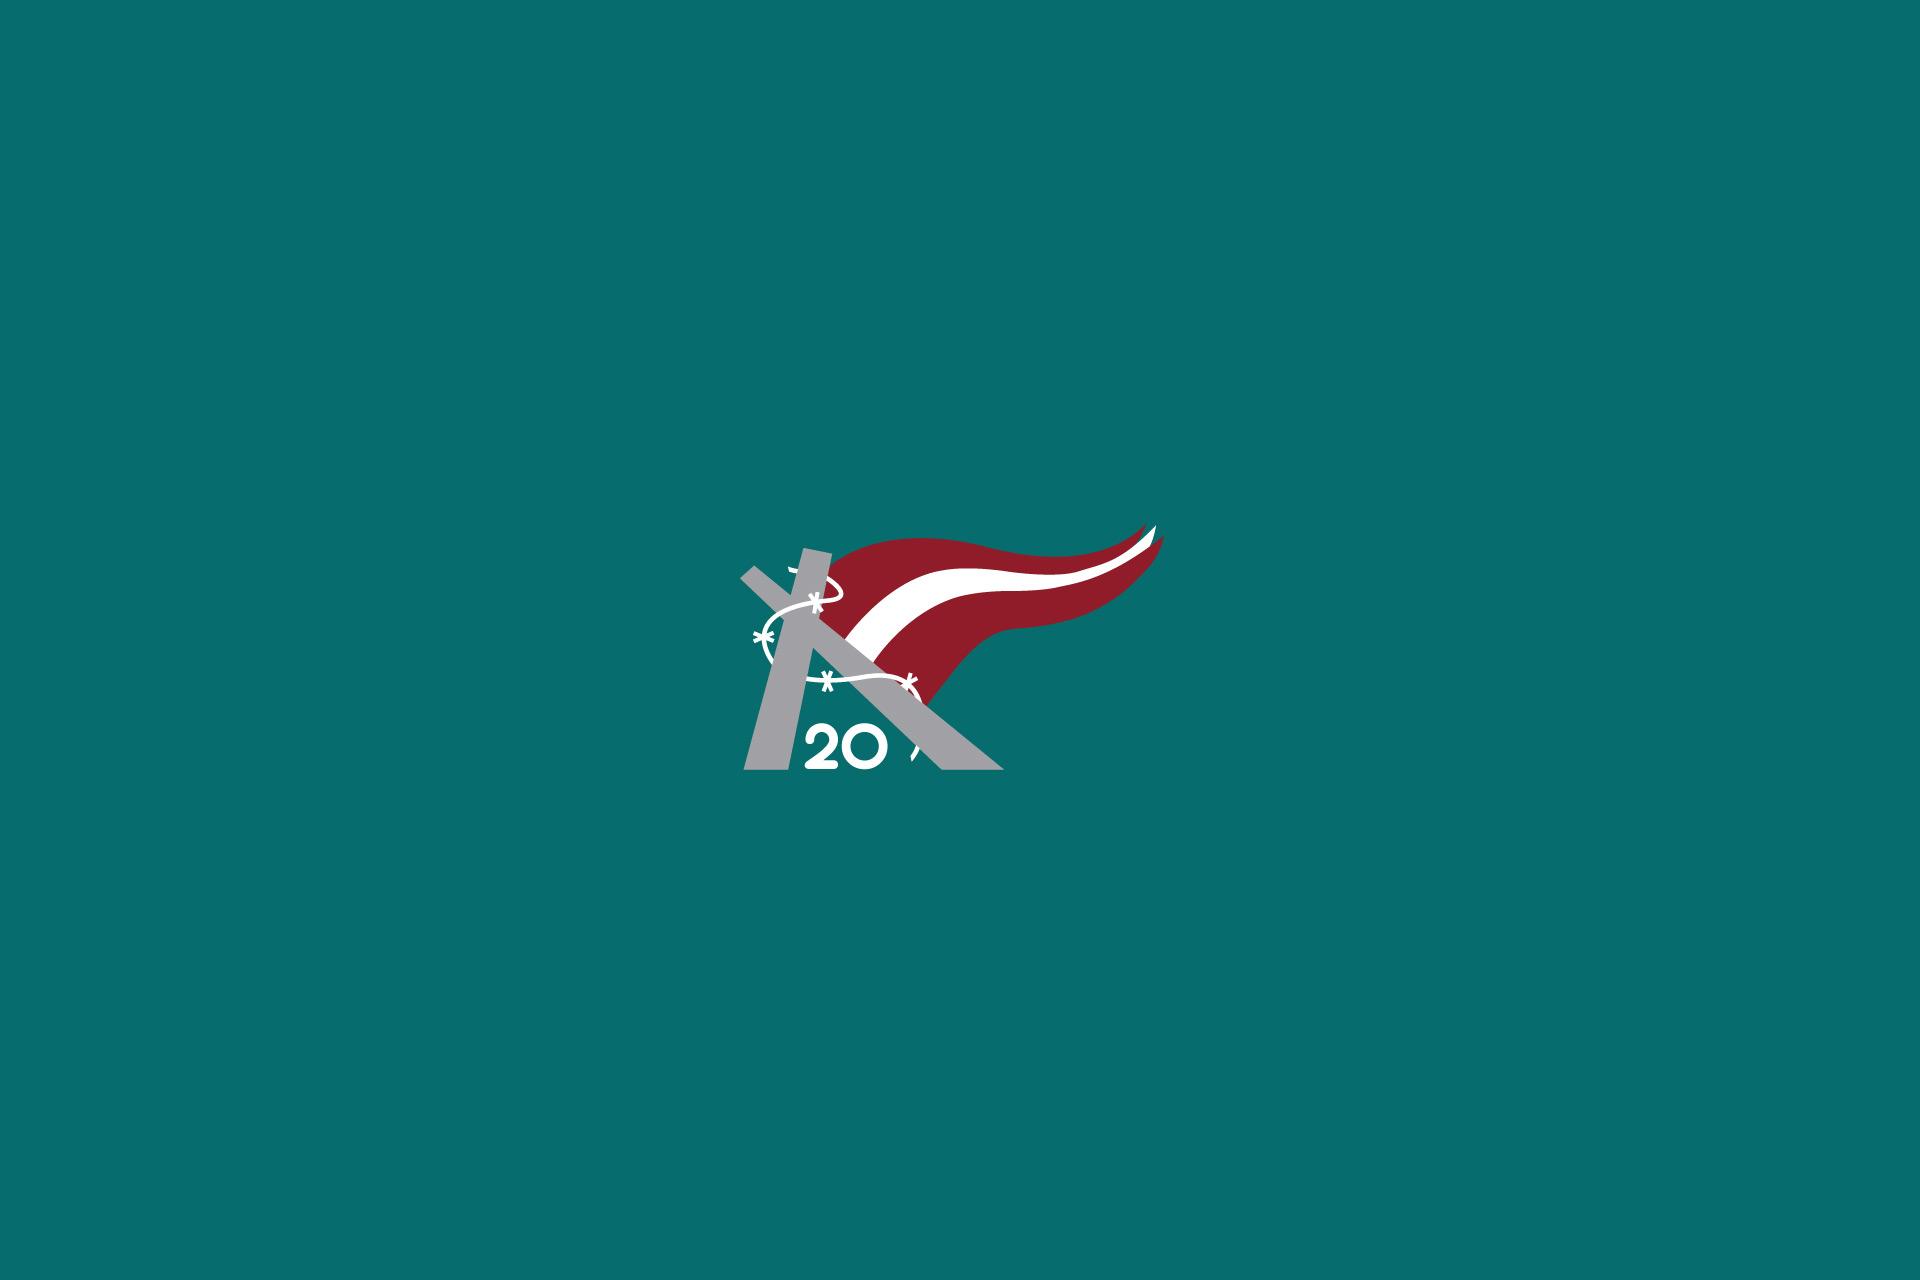 freakart_lv_latvijas_neatkaribas_20_gadskartas_logotips_03